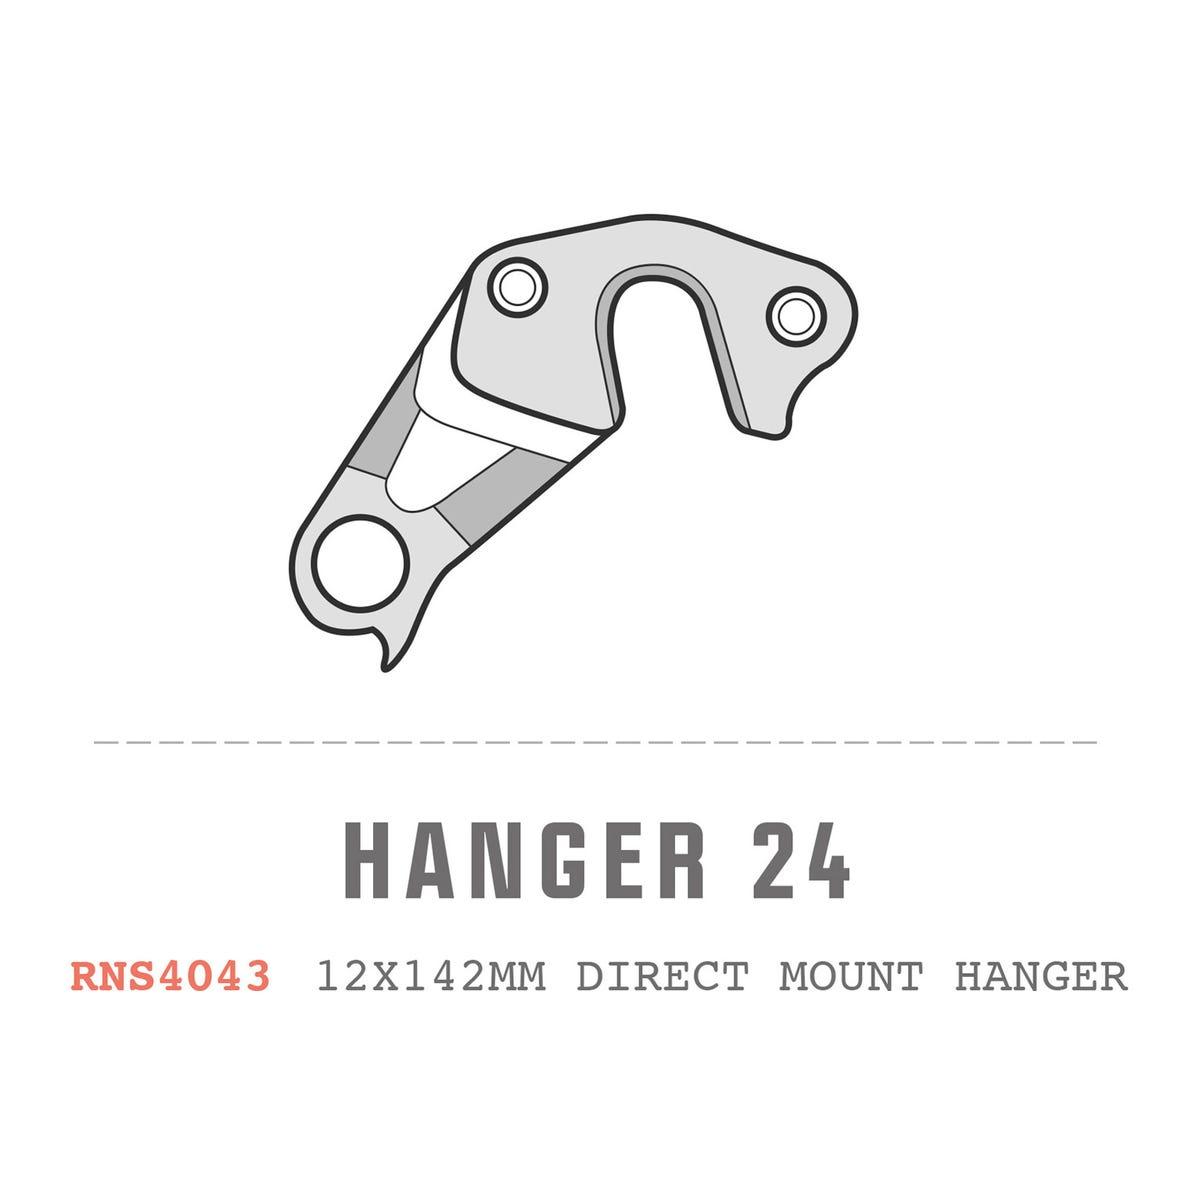 """Saracen Hanger 24 fits: All Ariel/Kili 27.5"""" Carbon '14 (12x142mm Direct Mount R/H ONLY)"""